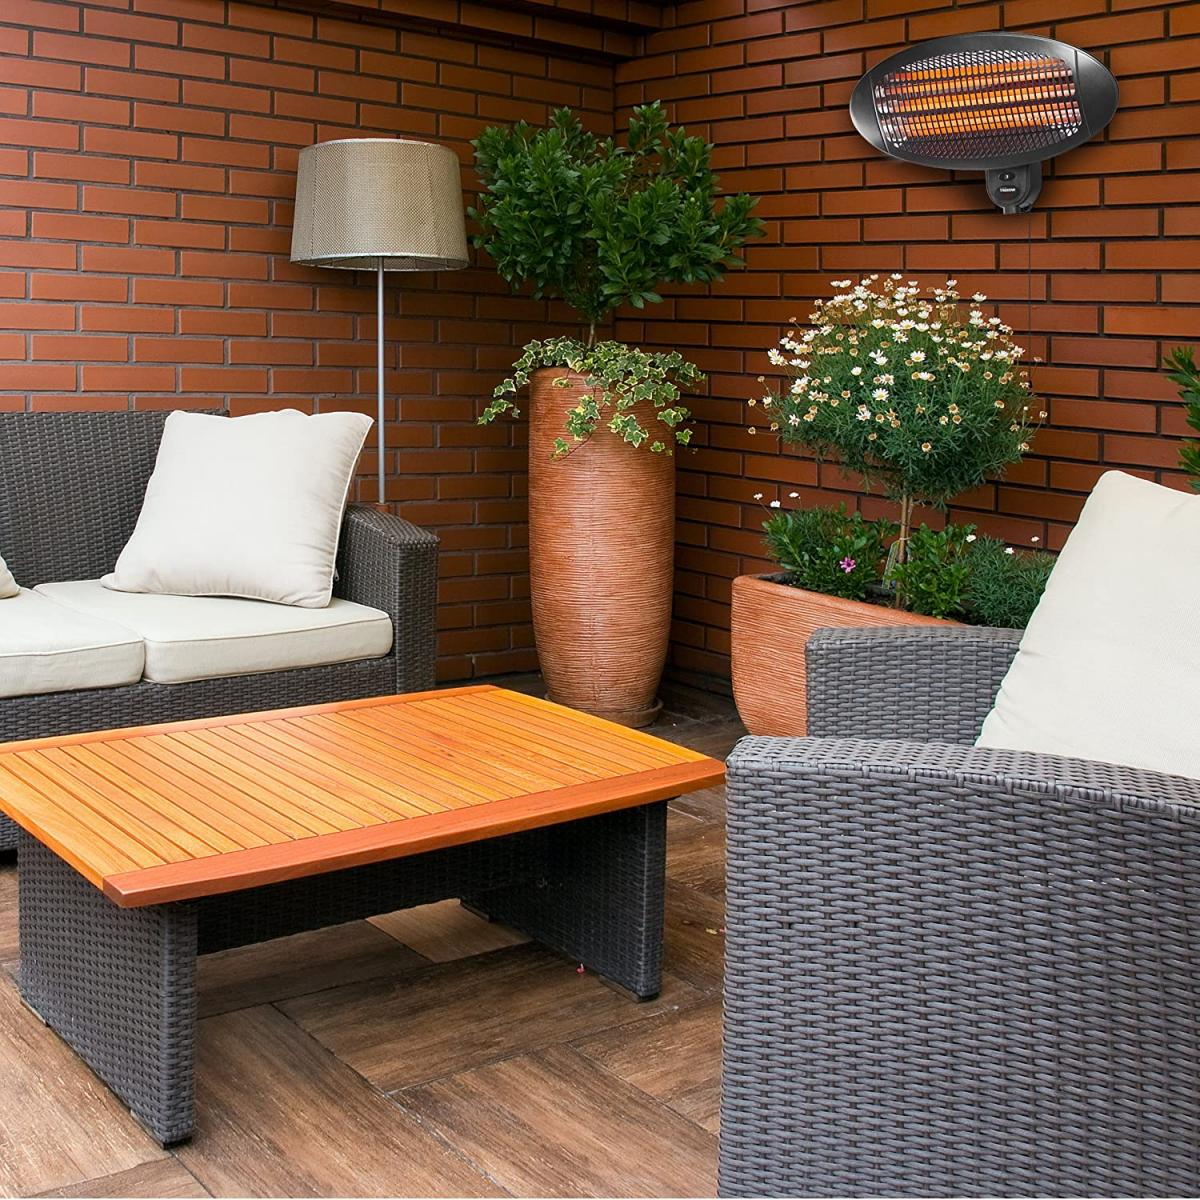 Una estufa de exterior calentará la terraza